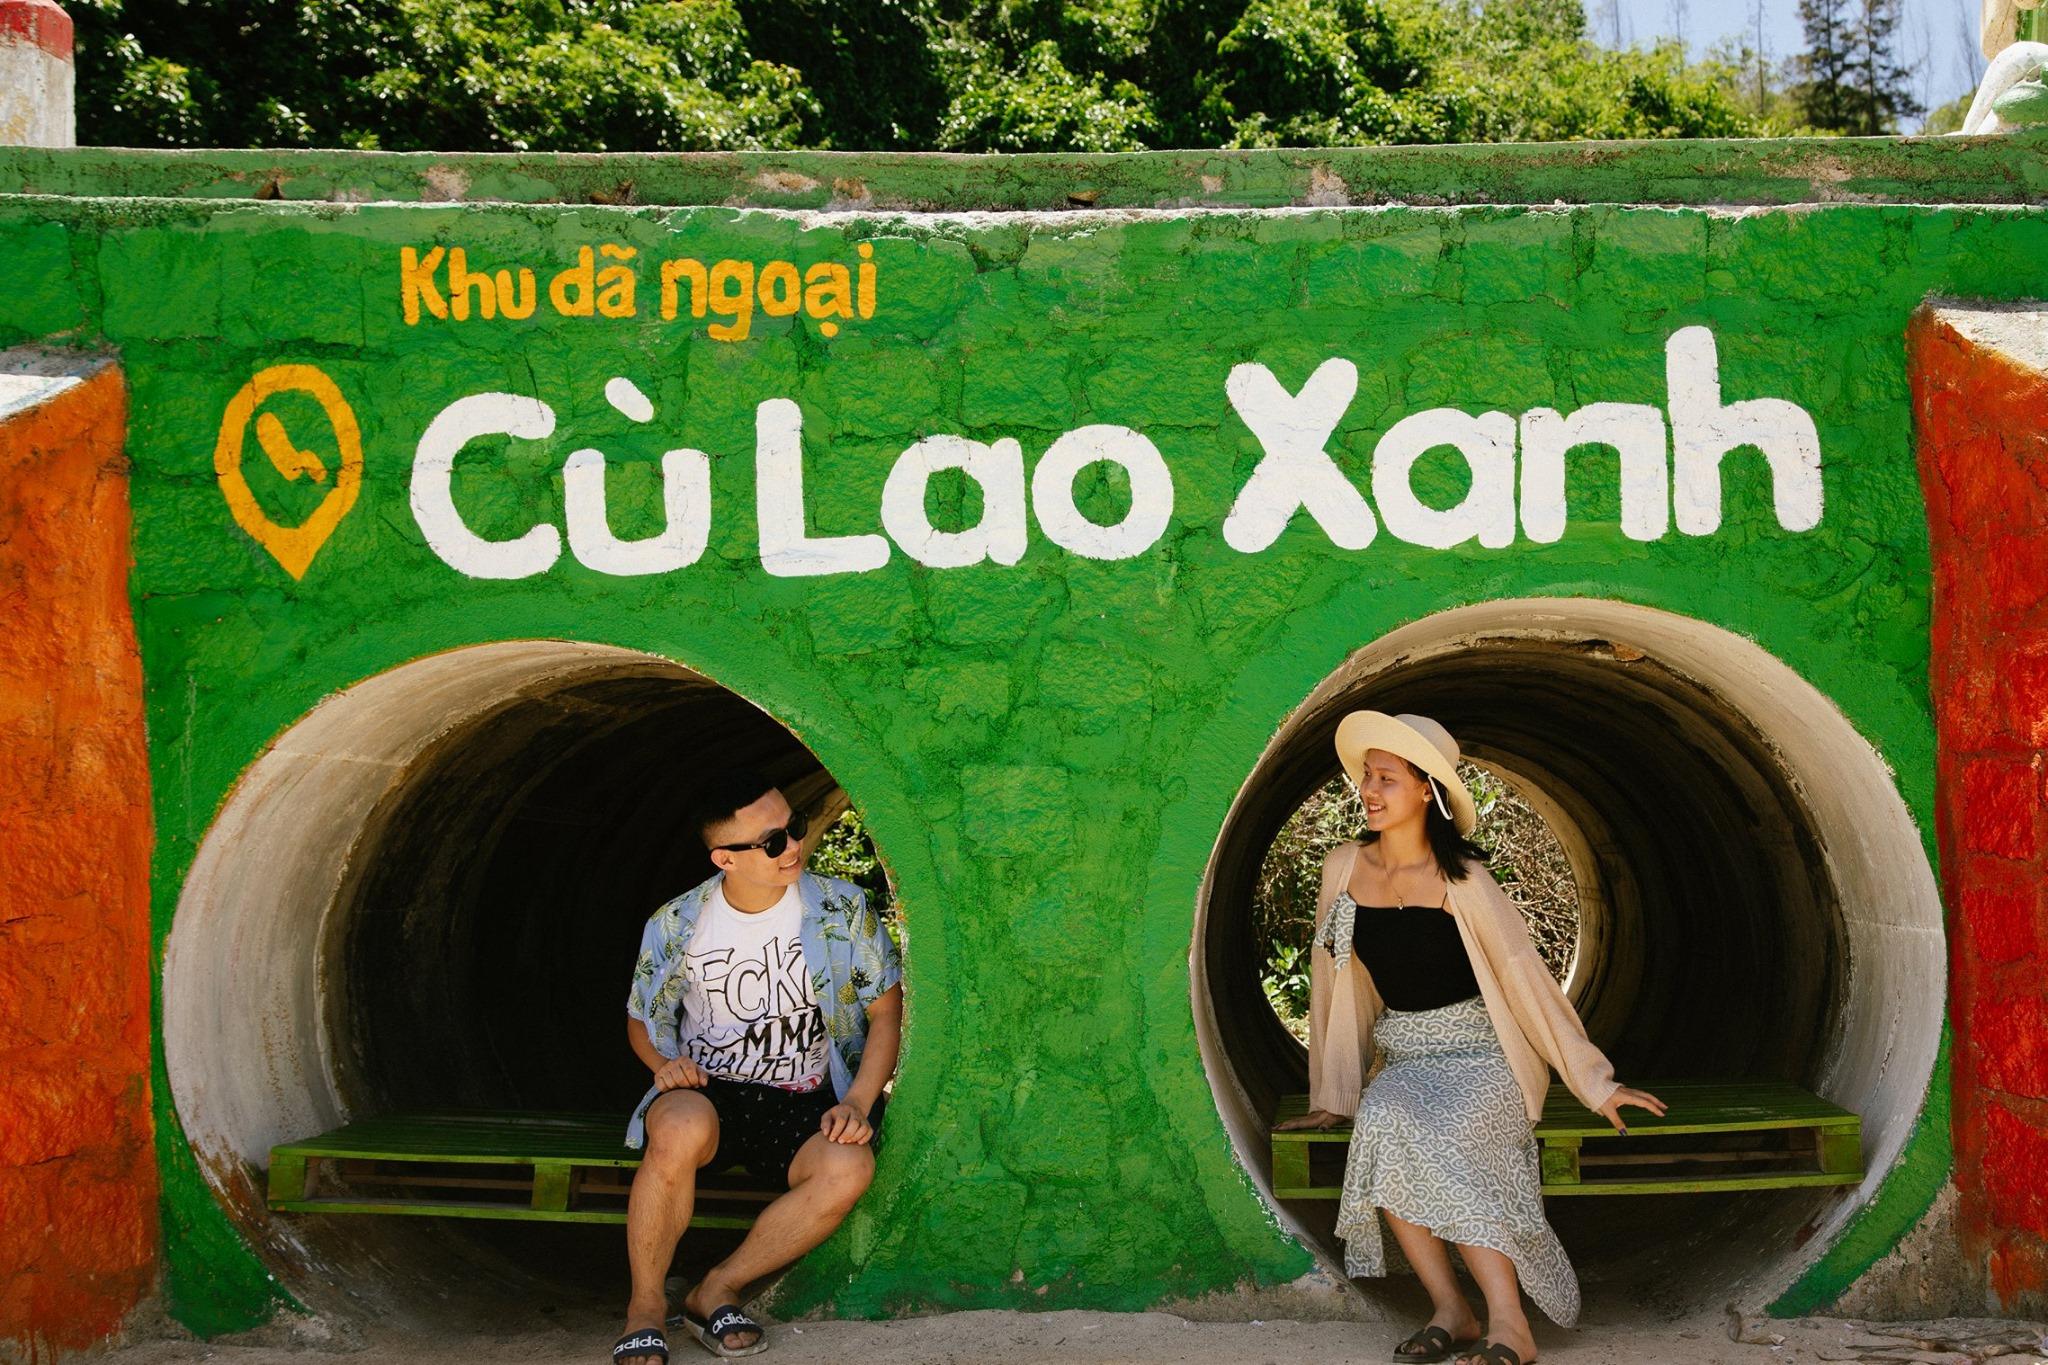 Du lịch Cù Lao Xanh Quy Nhơn - Khám phá 'đường đi nước bước' chi tiết trong mùa hè này - Ảnh 16.